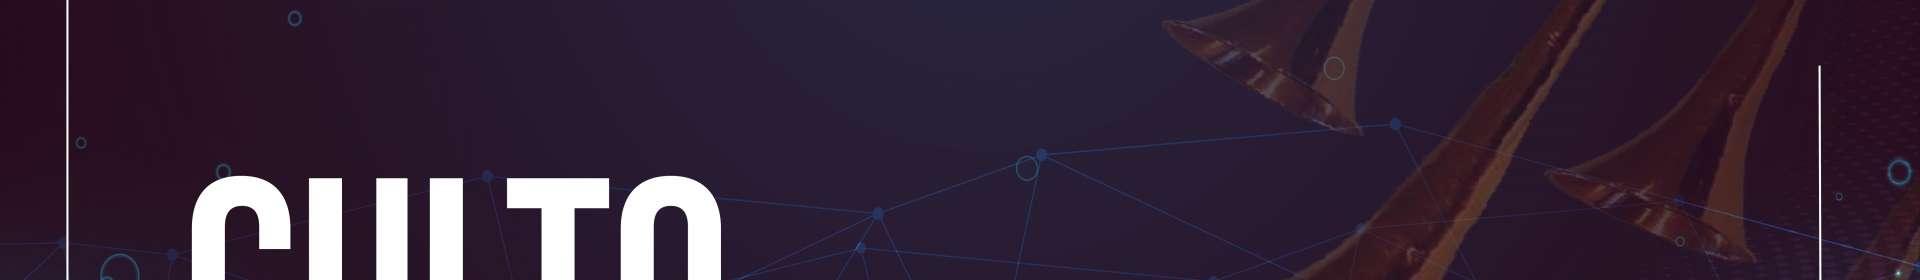 Culto via satélite exibido em 10/03/2020